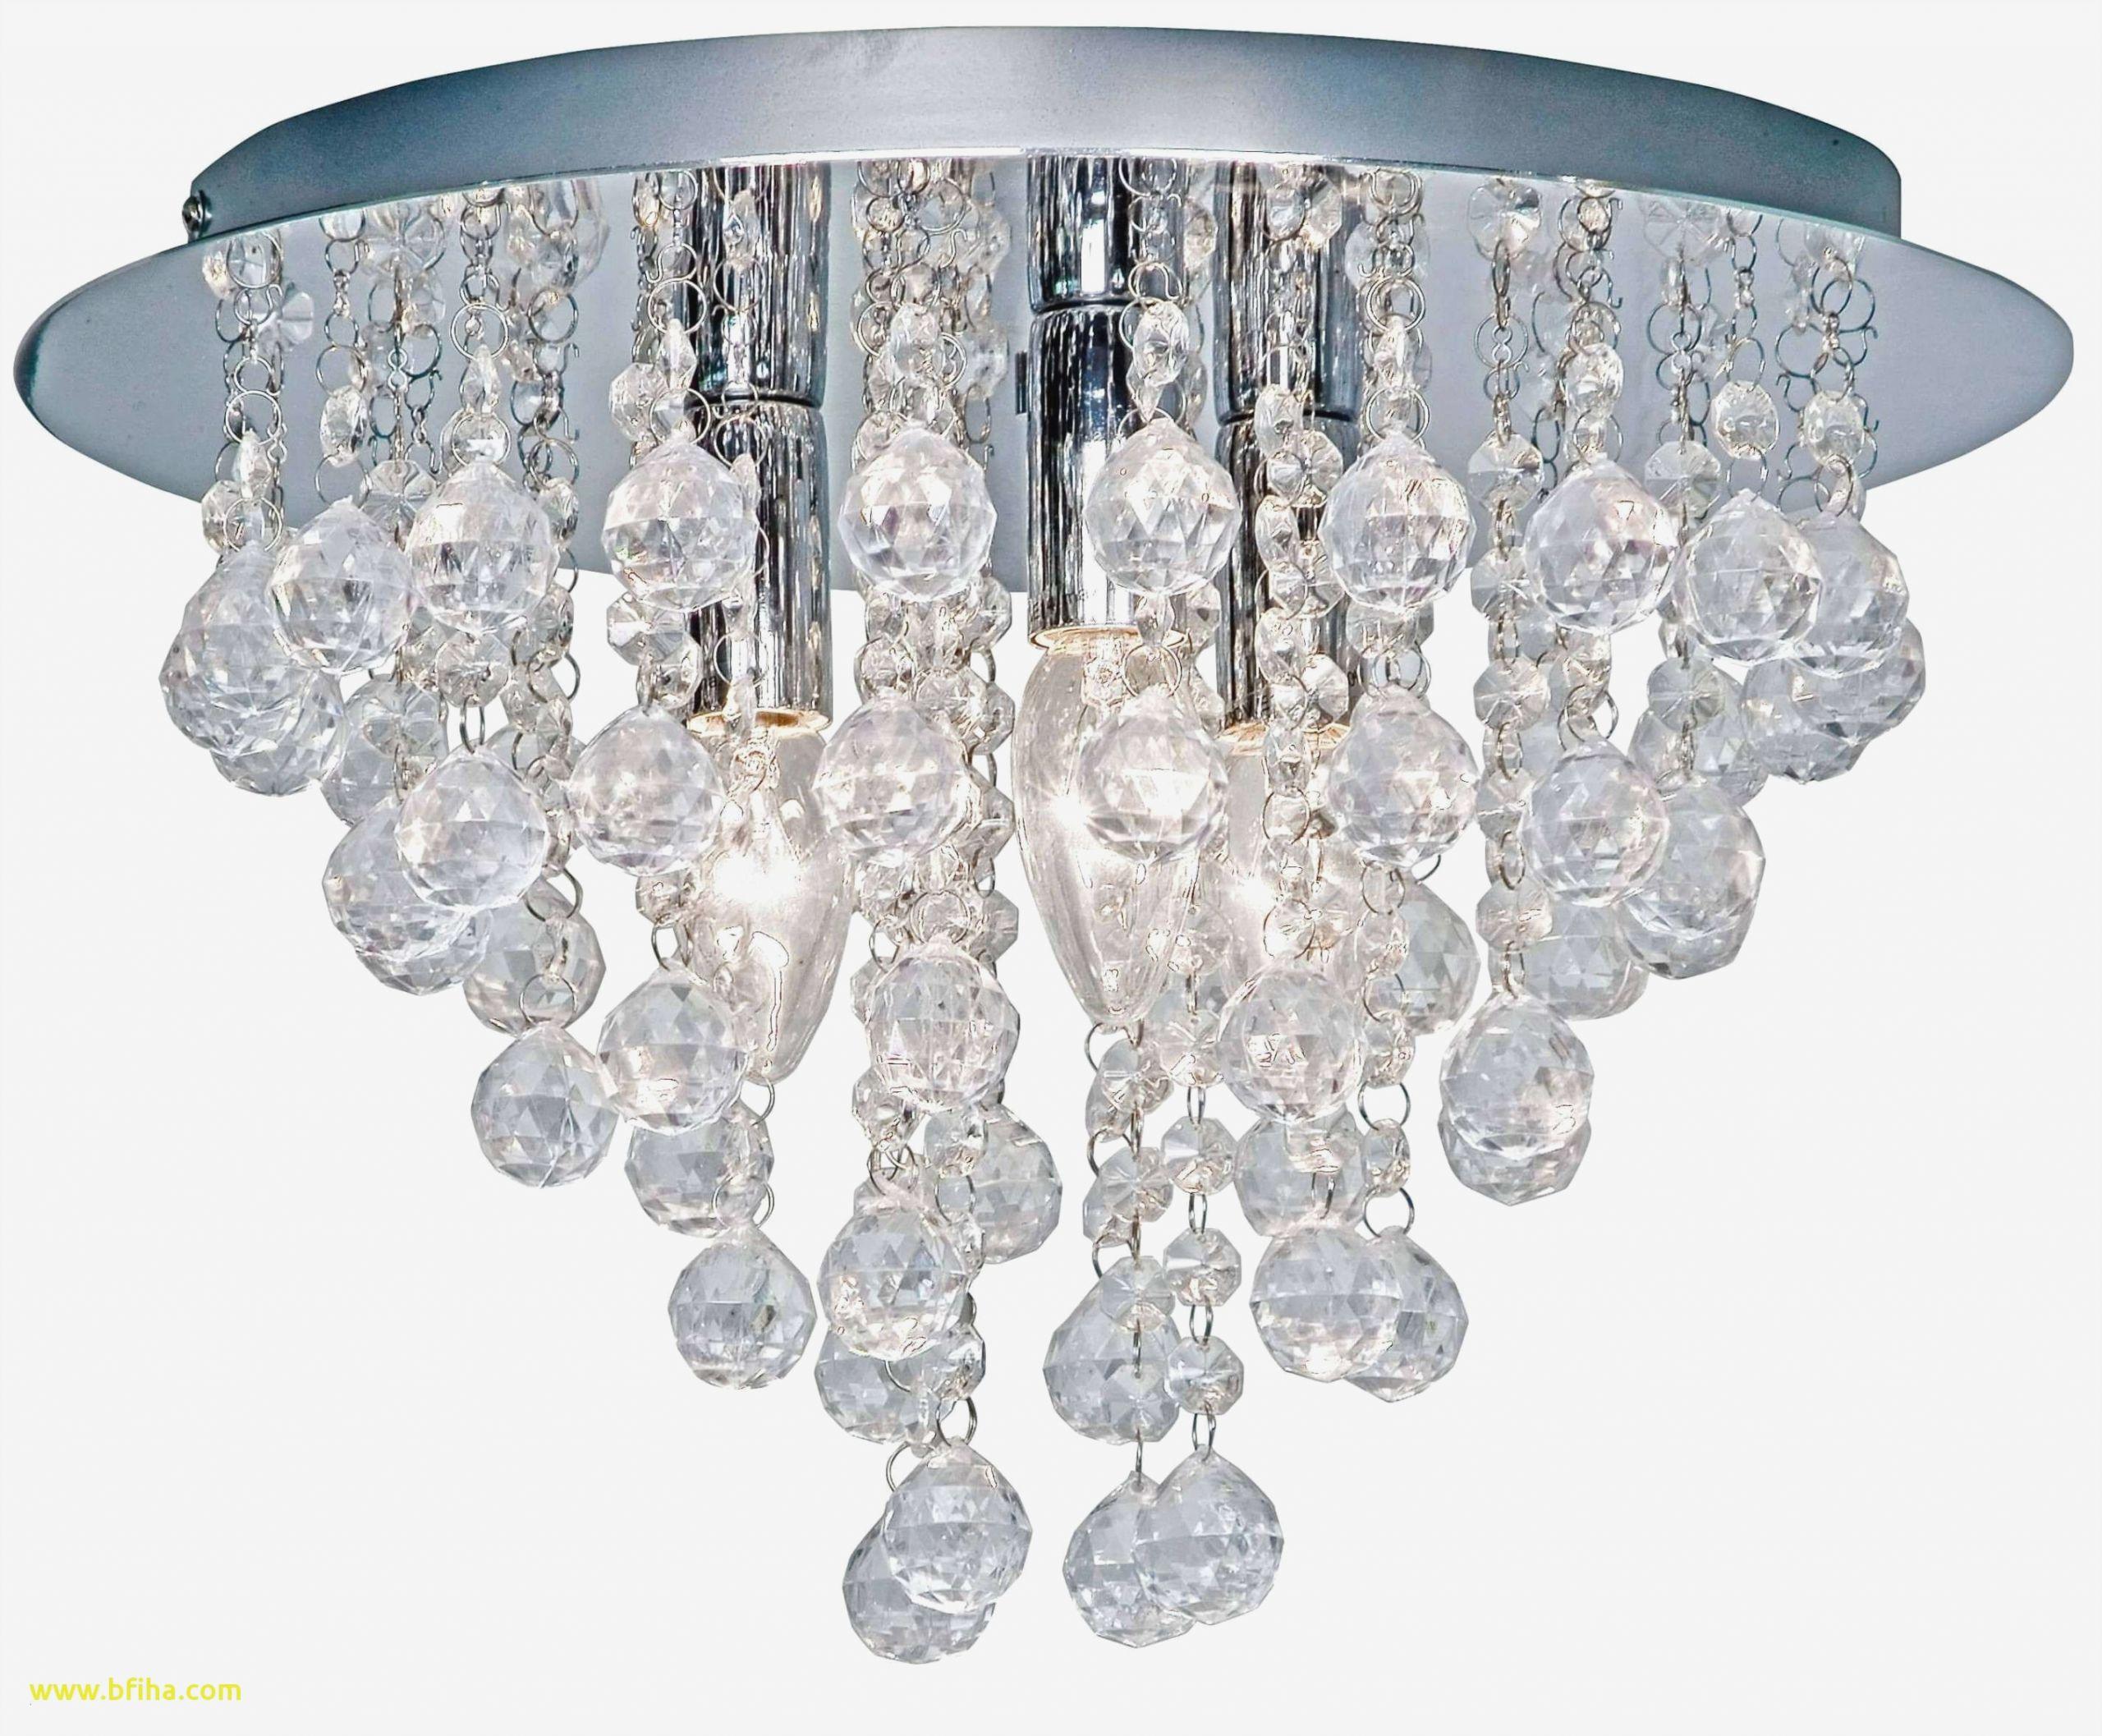 Full Size of Schlafzimmer Lampen Deckenleuchten Stuhl Für Günstige Komplett Mit Lattenrost Und Matratze Günstig Deckenlampe Lampe Kommode Massivholz Sessel Led Wohnzimmer Schlafzimmer Lampen